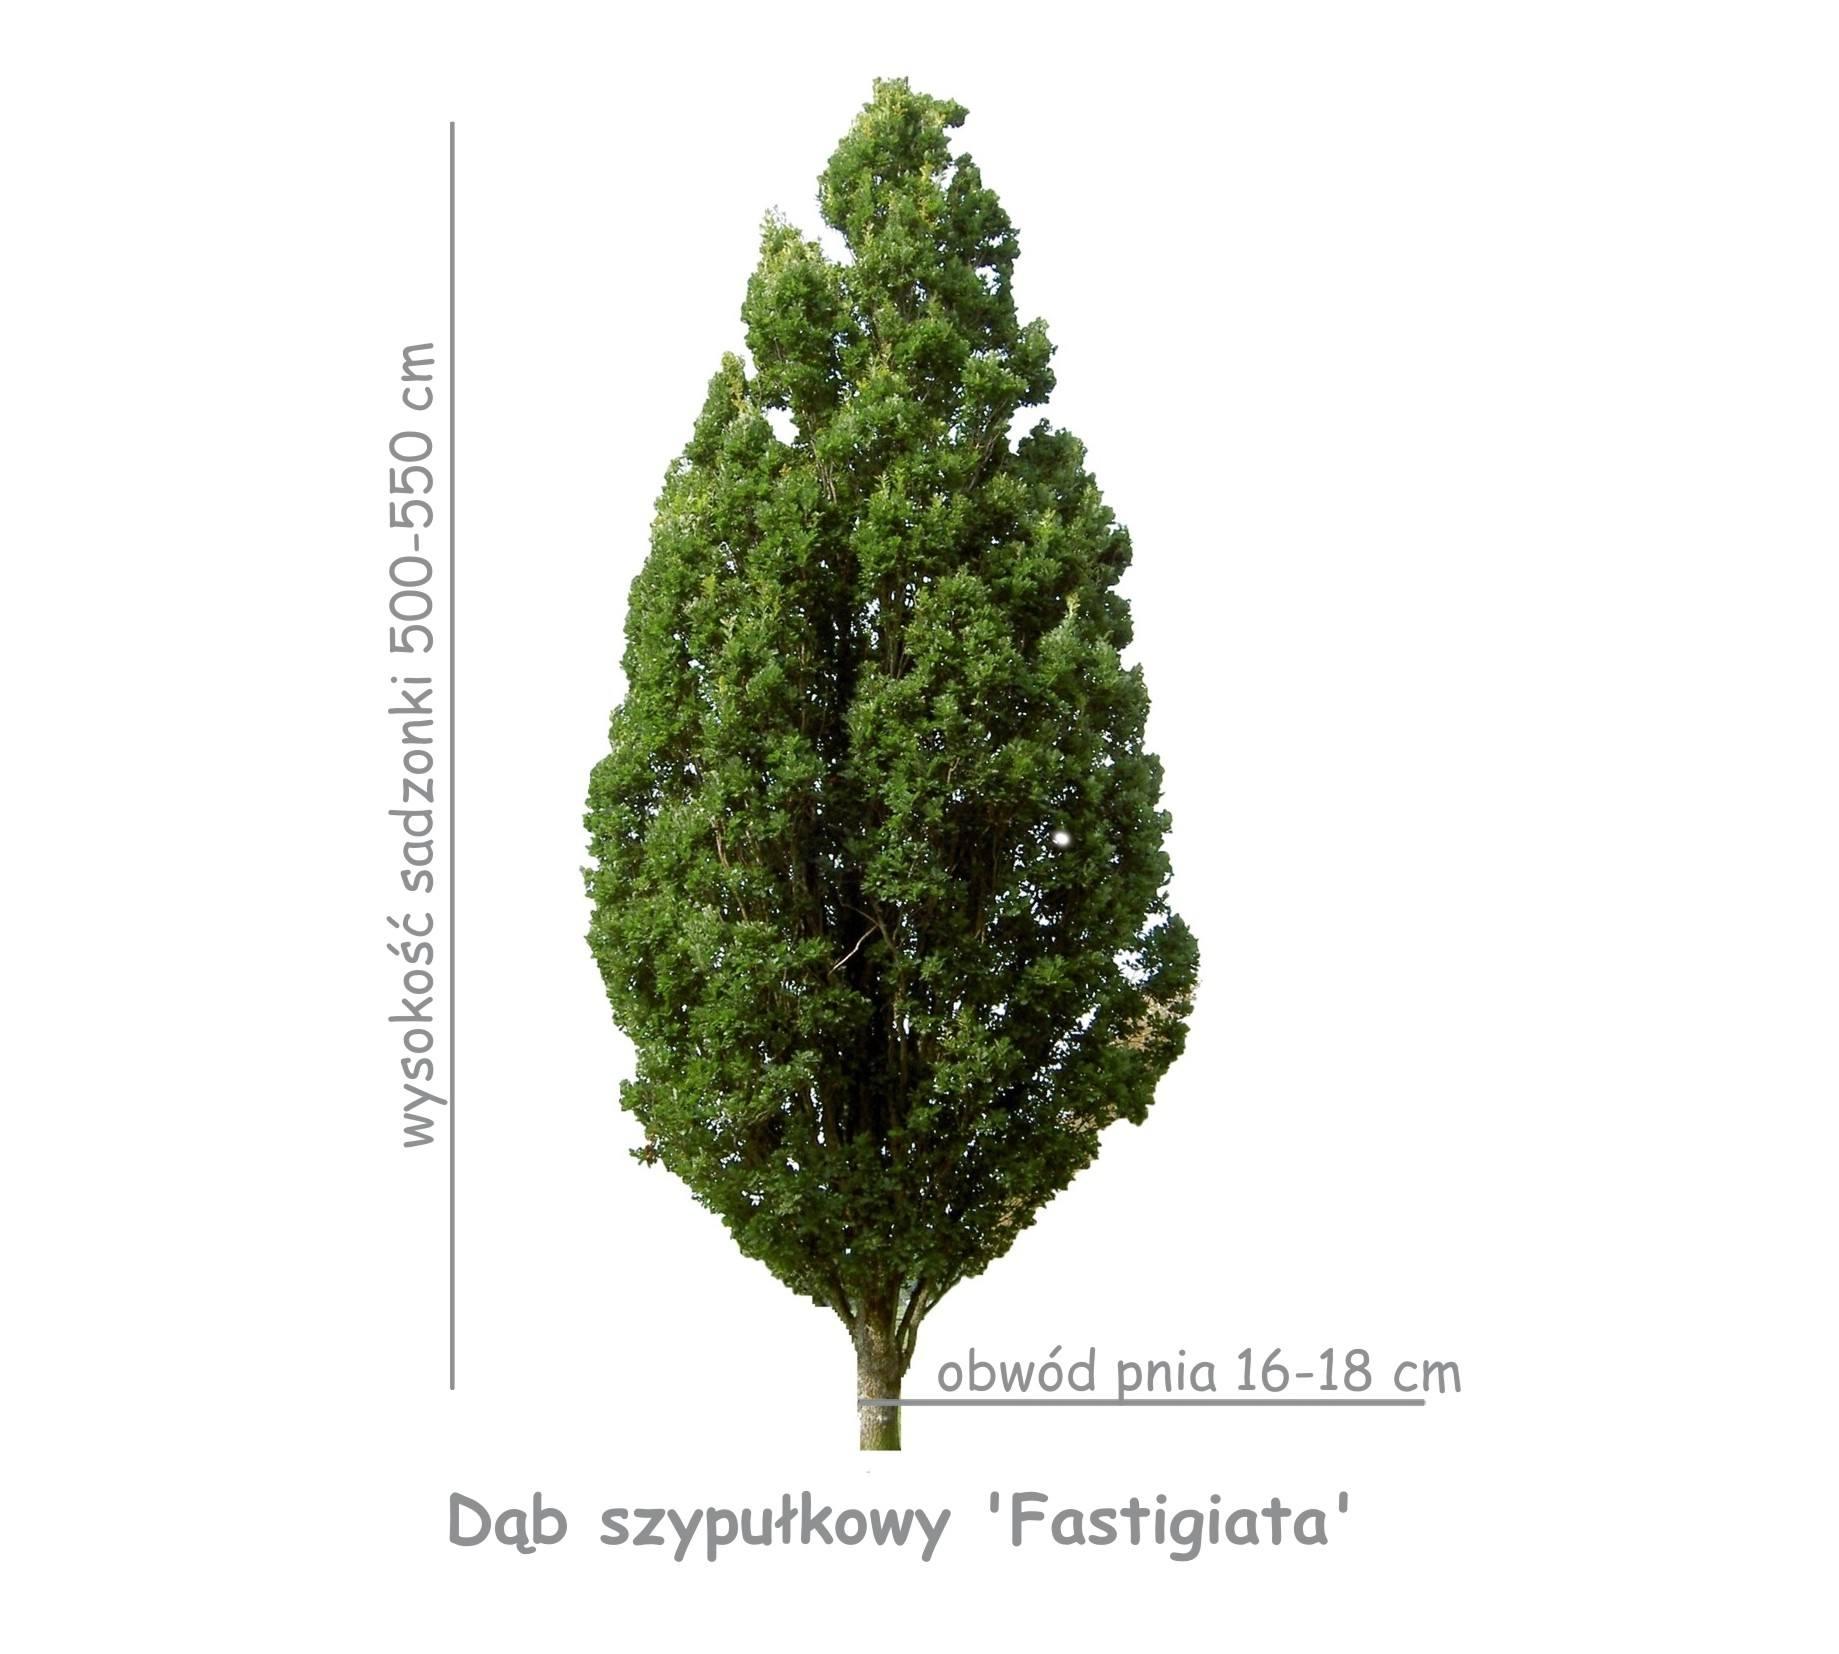 Dąb szypułkowy 'Fastigiata' sadzonka o obwodzie pnia 16-18 cm